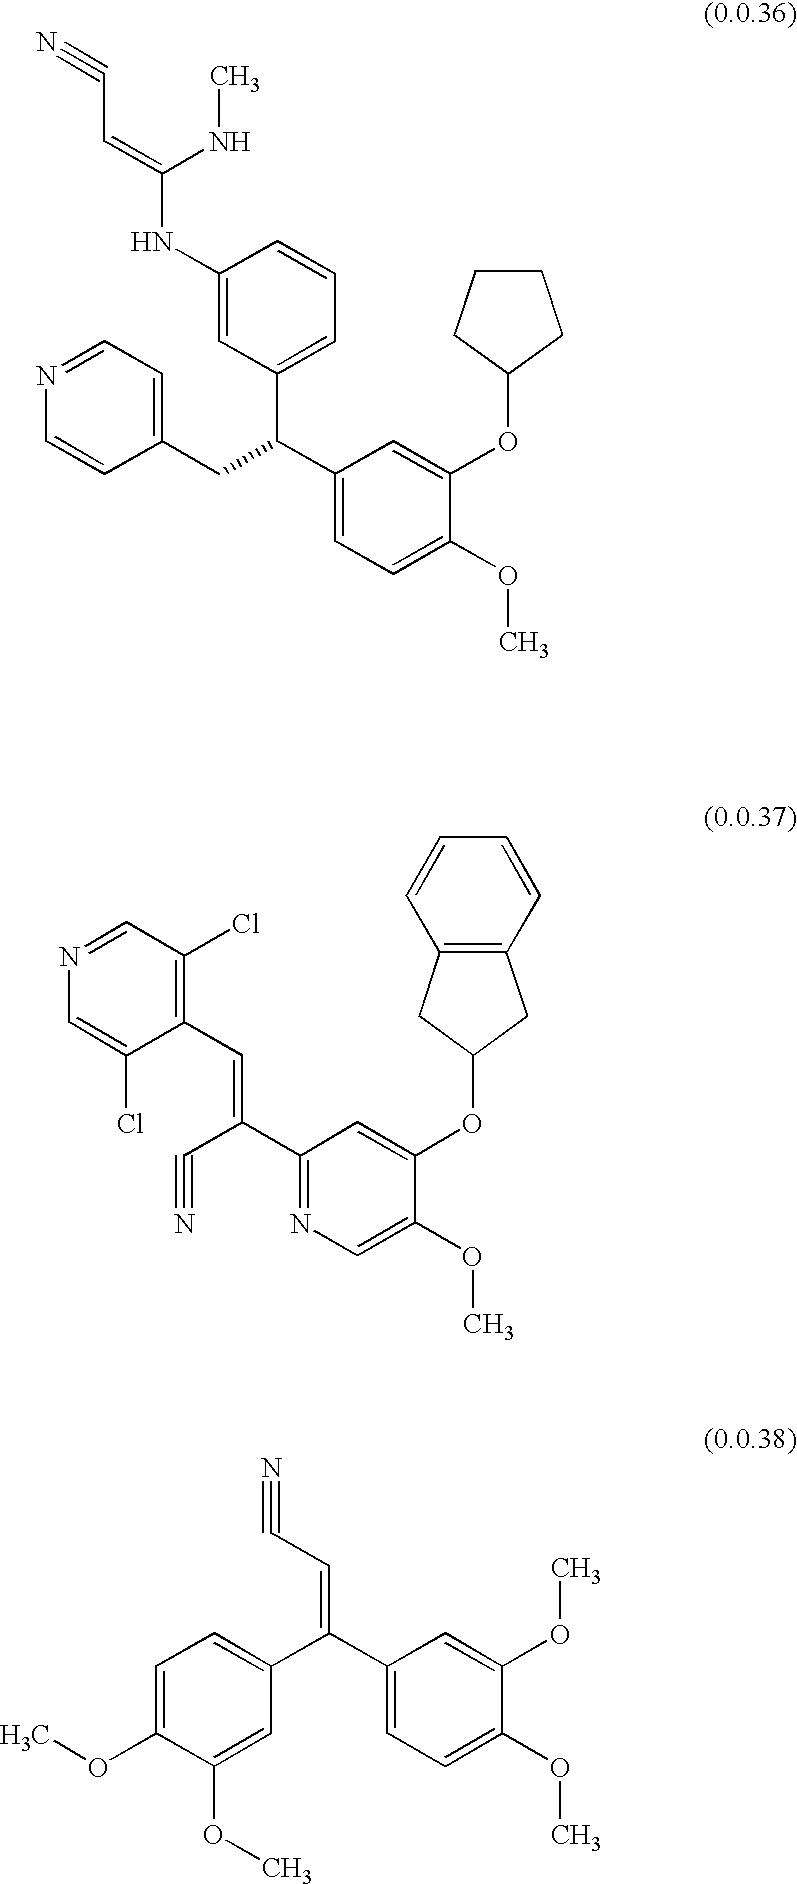 Figure US20020123520A1-20020905-C00026